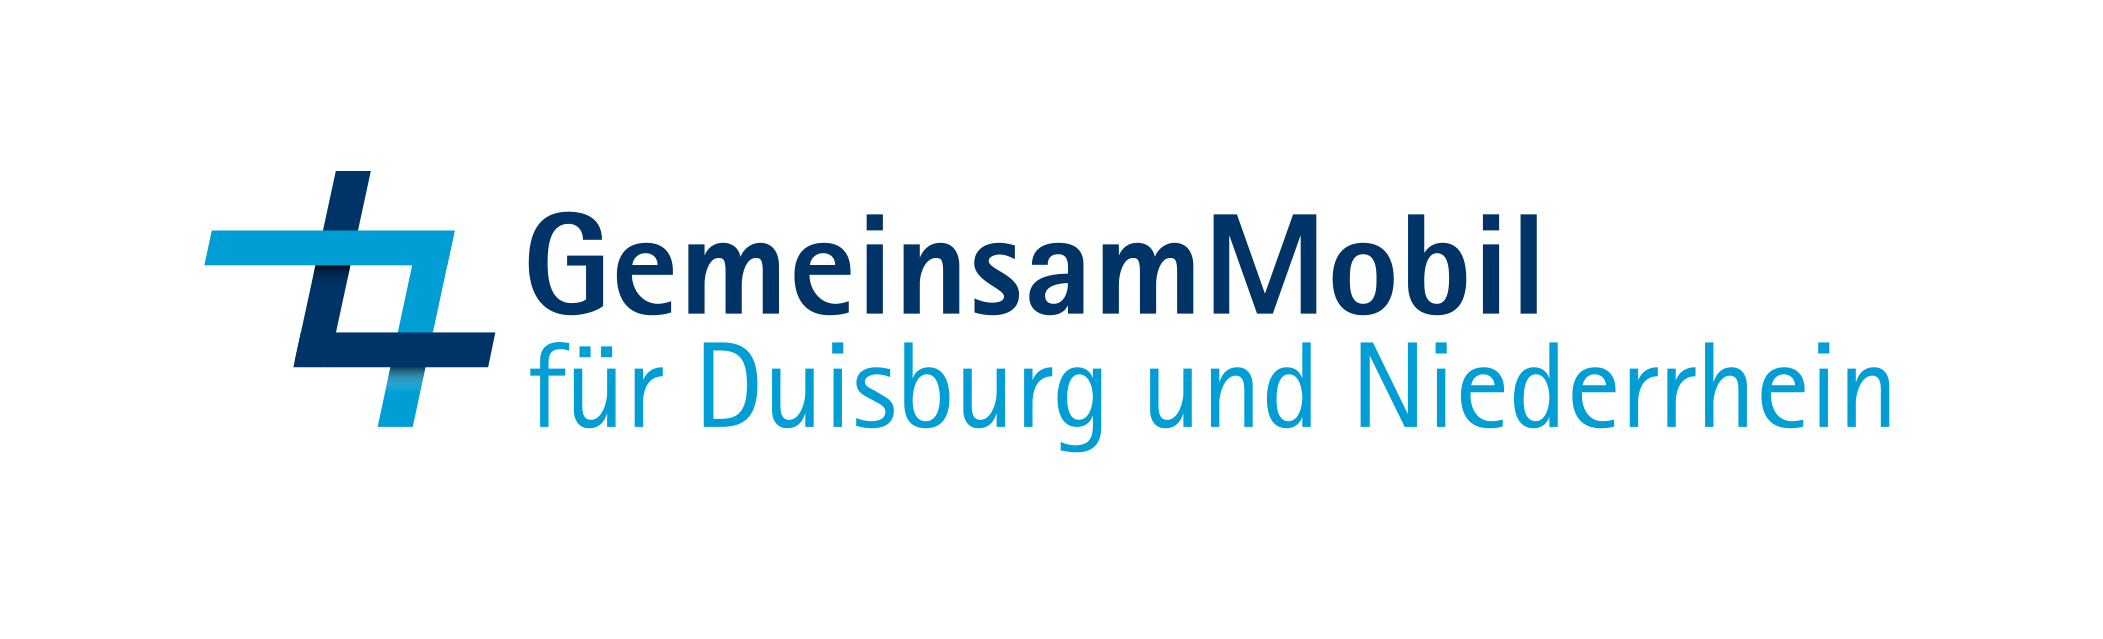 GM fuer Duisburg und Niederrhein Logo